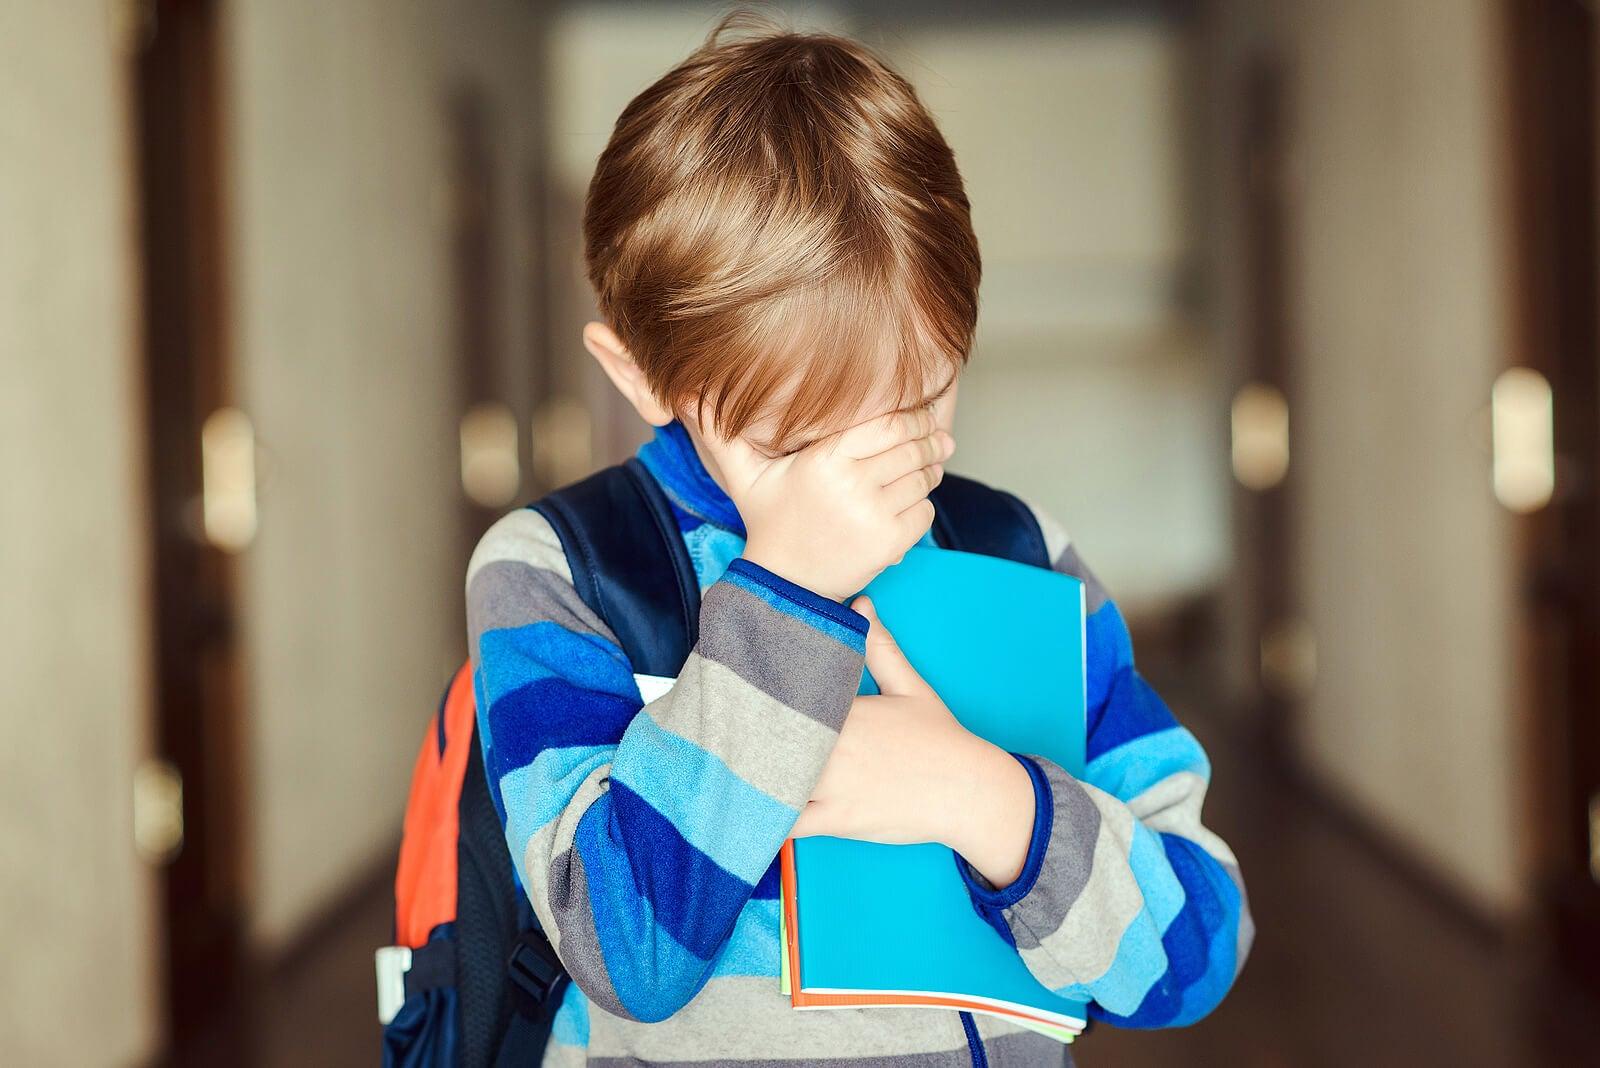 Niño triste porque se siente rechazado.